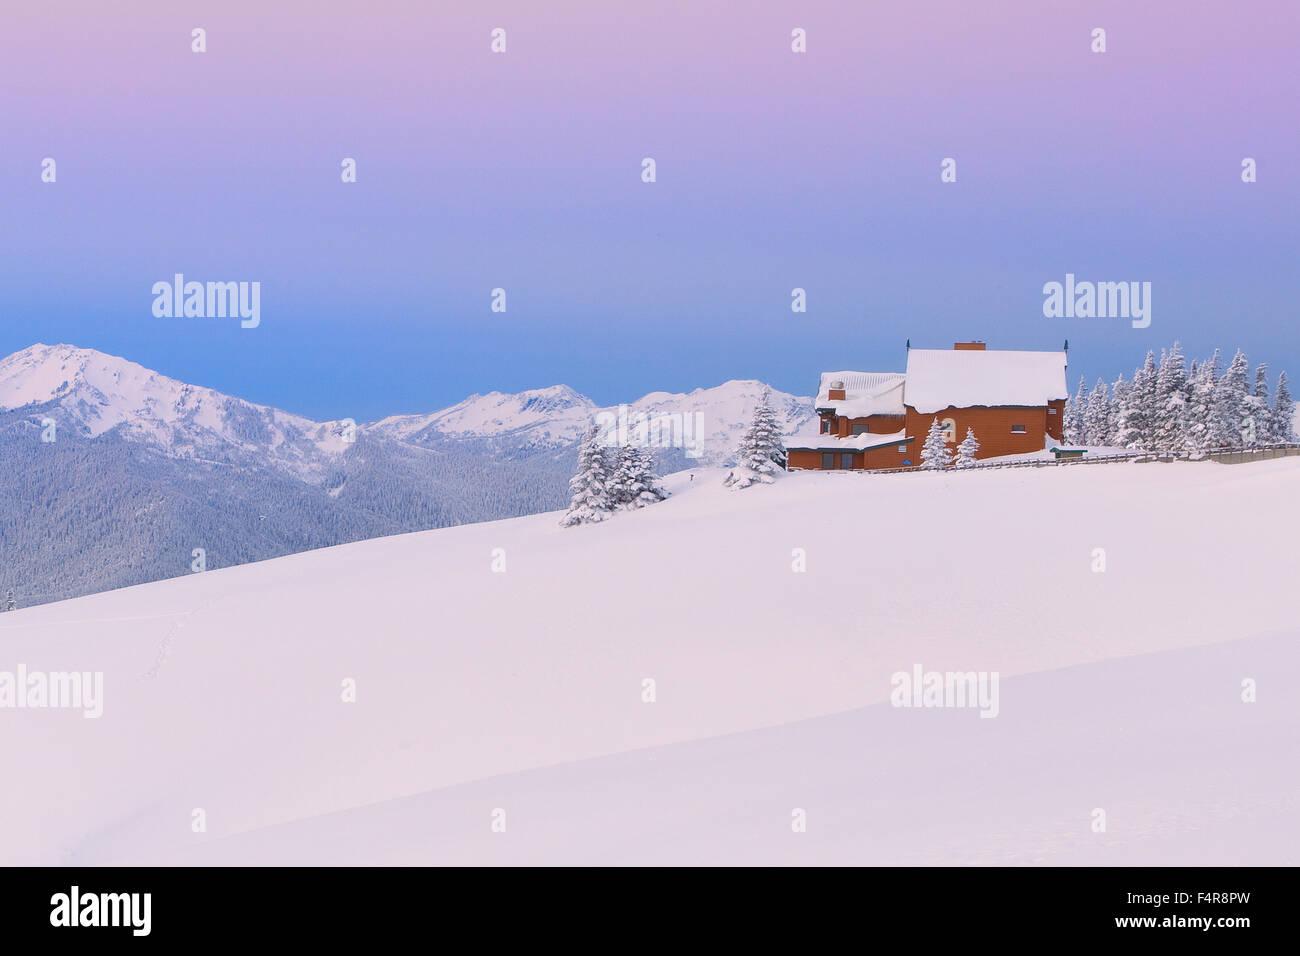 USA, United States, America, Pacific Northwest, Washington, Washington State, barn, snow, winter, landscape, house, - Stock Image